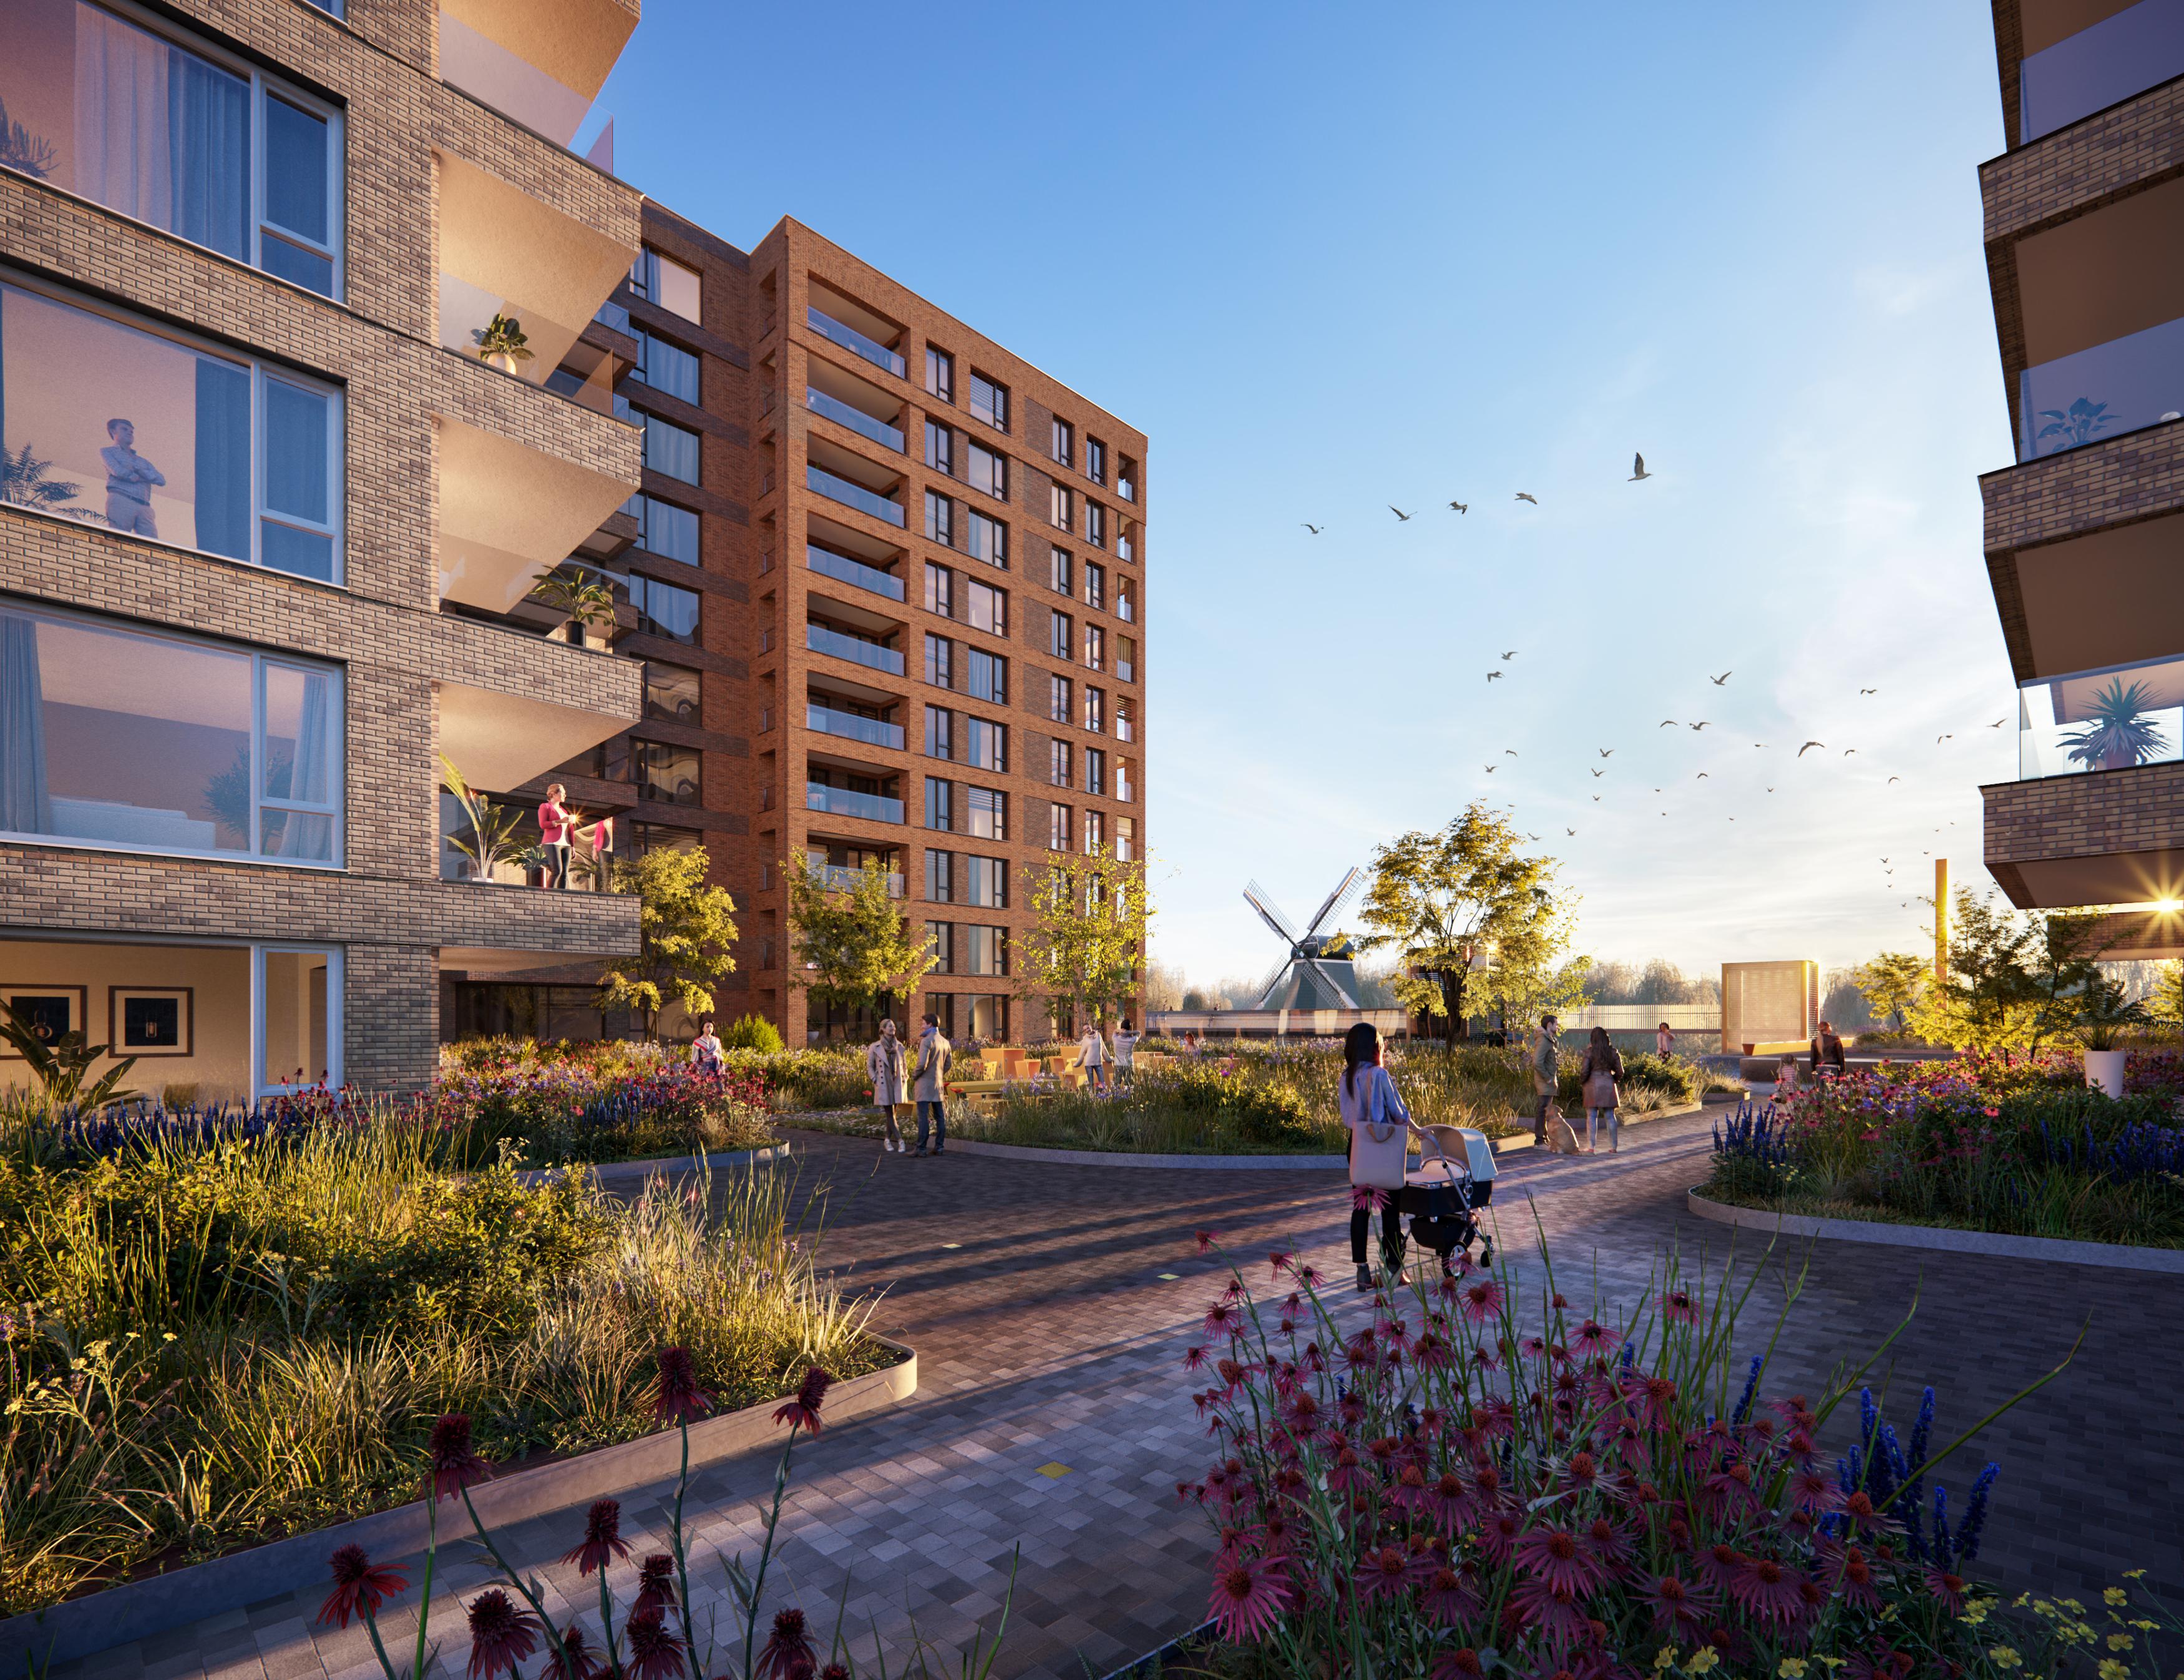 <p>Zaanse Helden, Zaans Hout, Zaanstad een ontwerp van Havermans Hielkema Architecten</p>